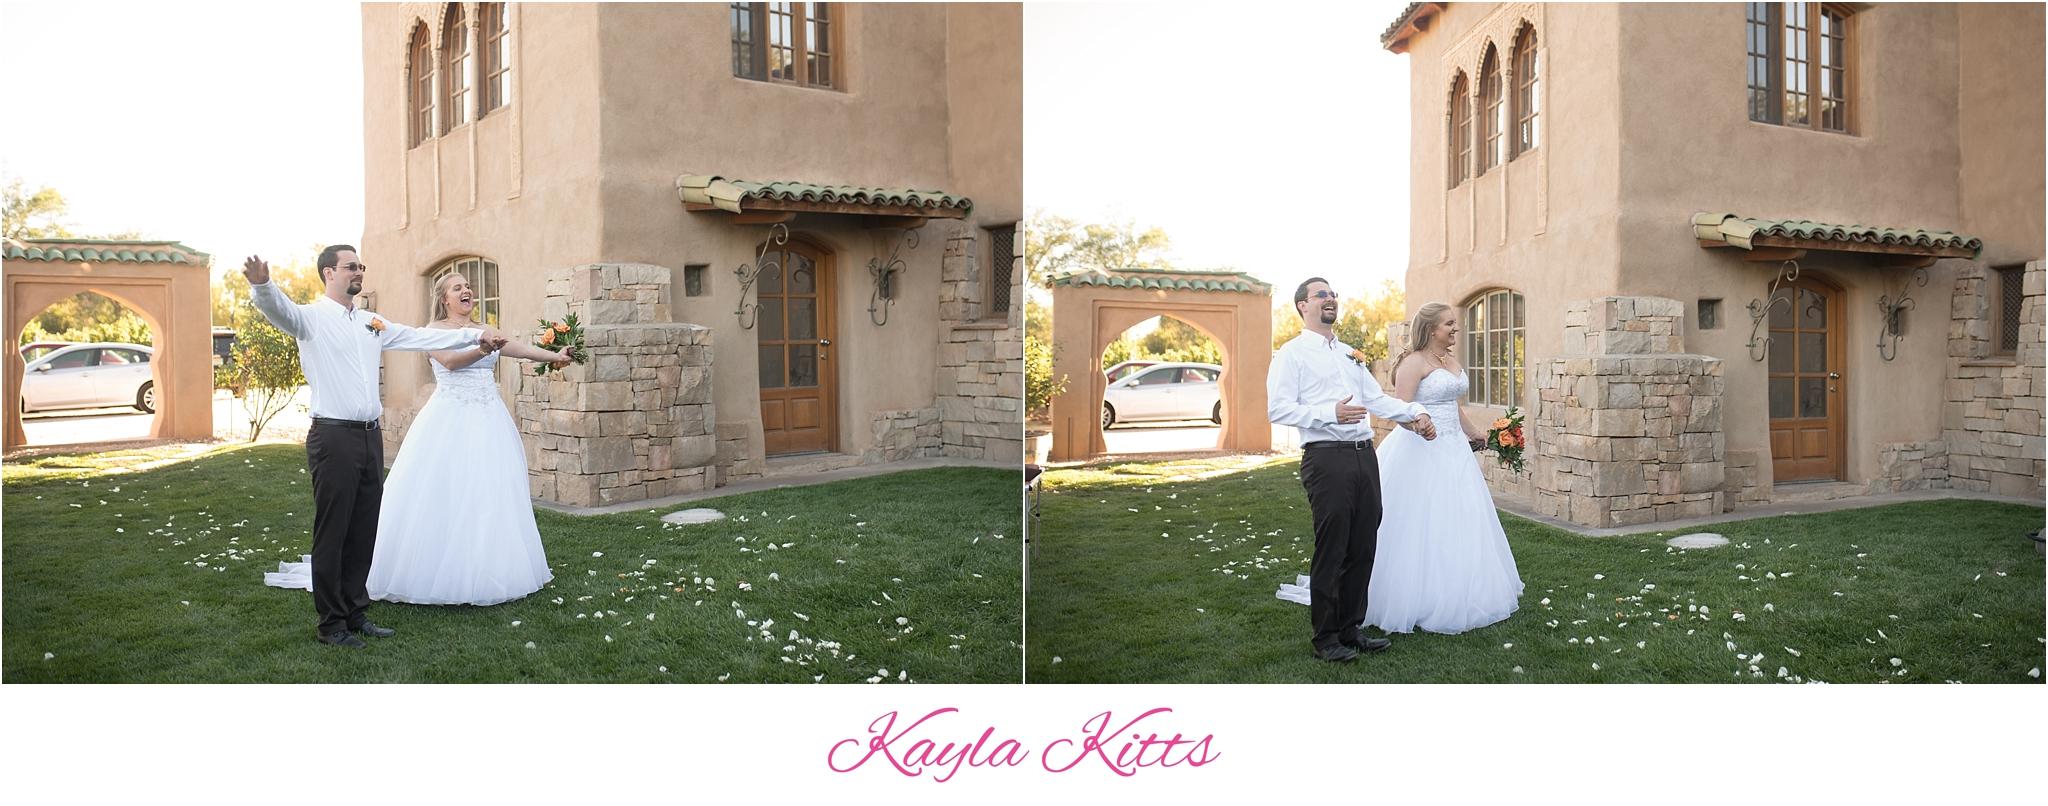 kayla kitts photography - albuquerque wedding photographer - albuquerque wedding photography - albuquerque venue - casa rondena - casa rondea wedding - new mexico wedding photographer_0022.jpg